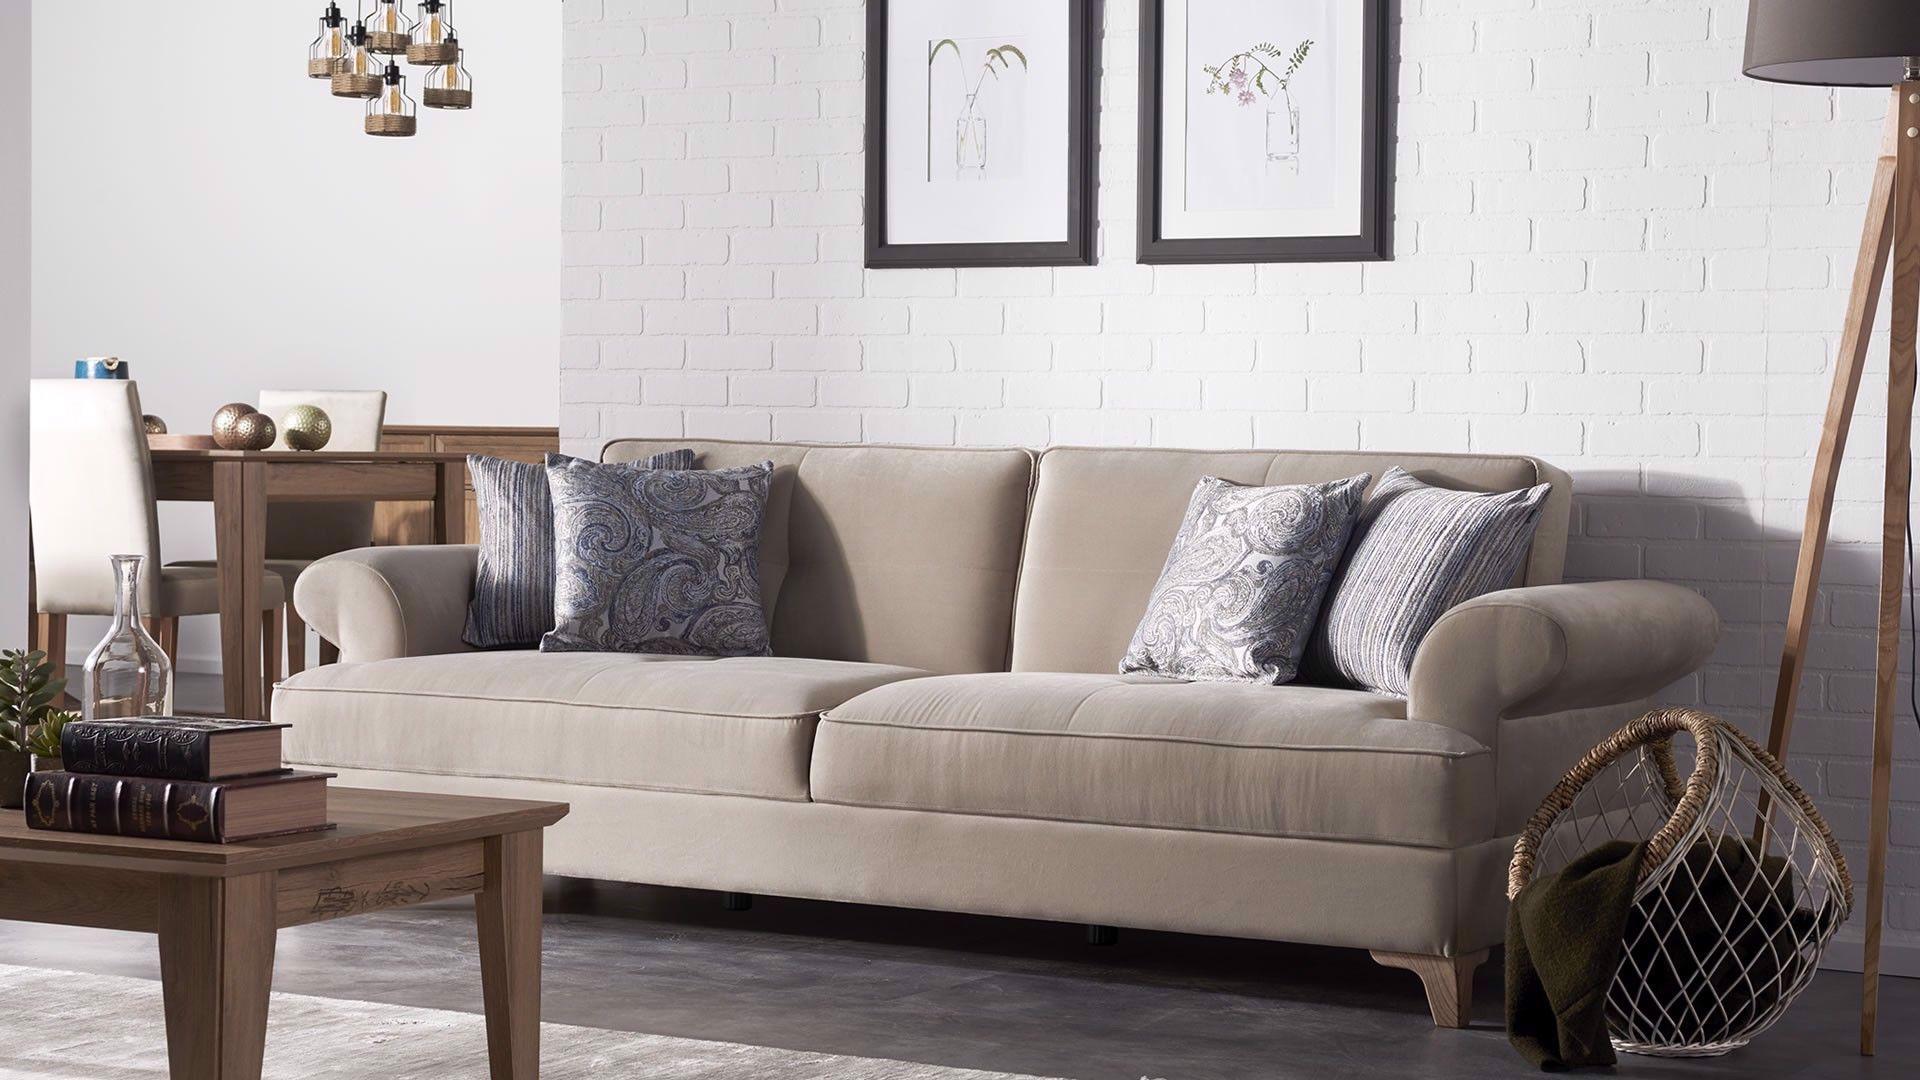 Koltuk Takimlari Parma Koltuk Takimi Dogtas Yatakodasitakimlari Yemekodasitakimlari Rapsodi Koltuktakimlari Home Decor Furniture Home